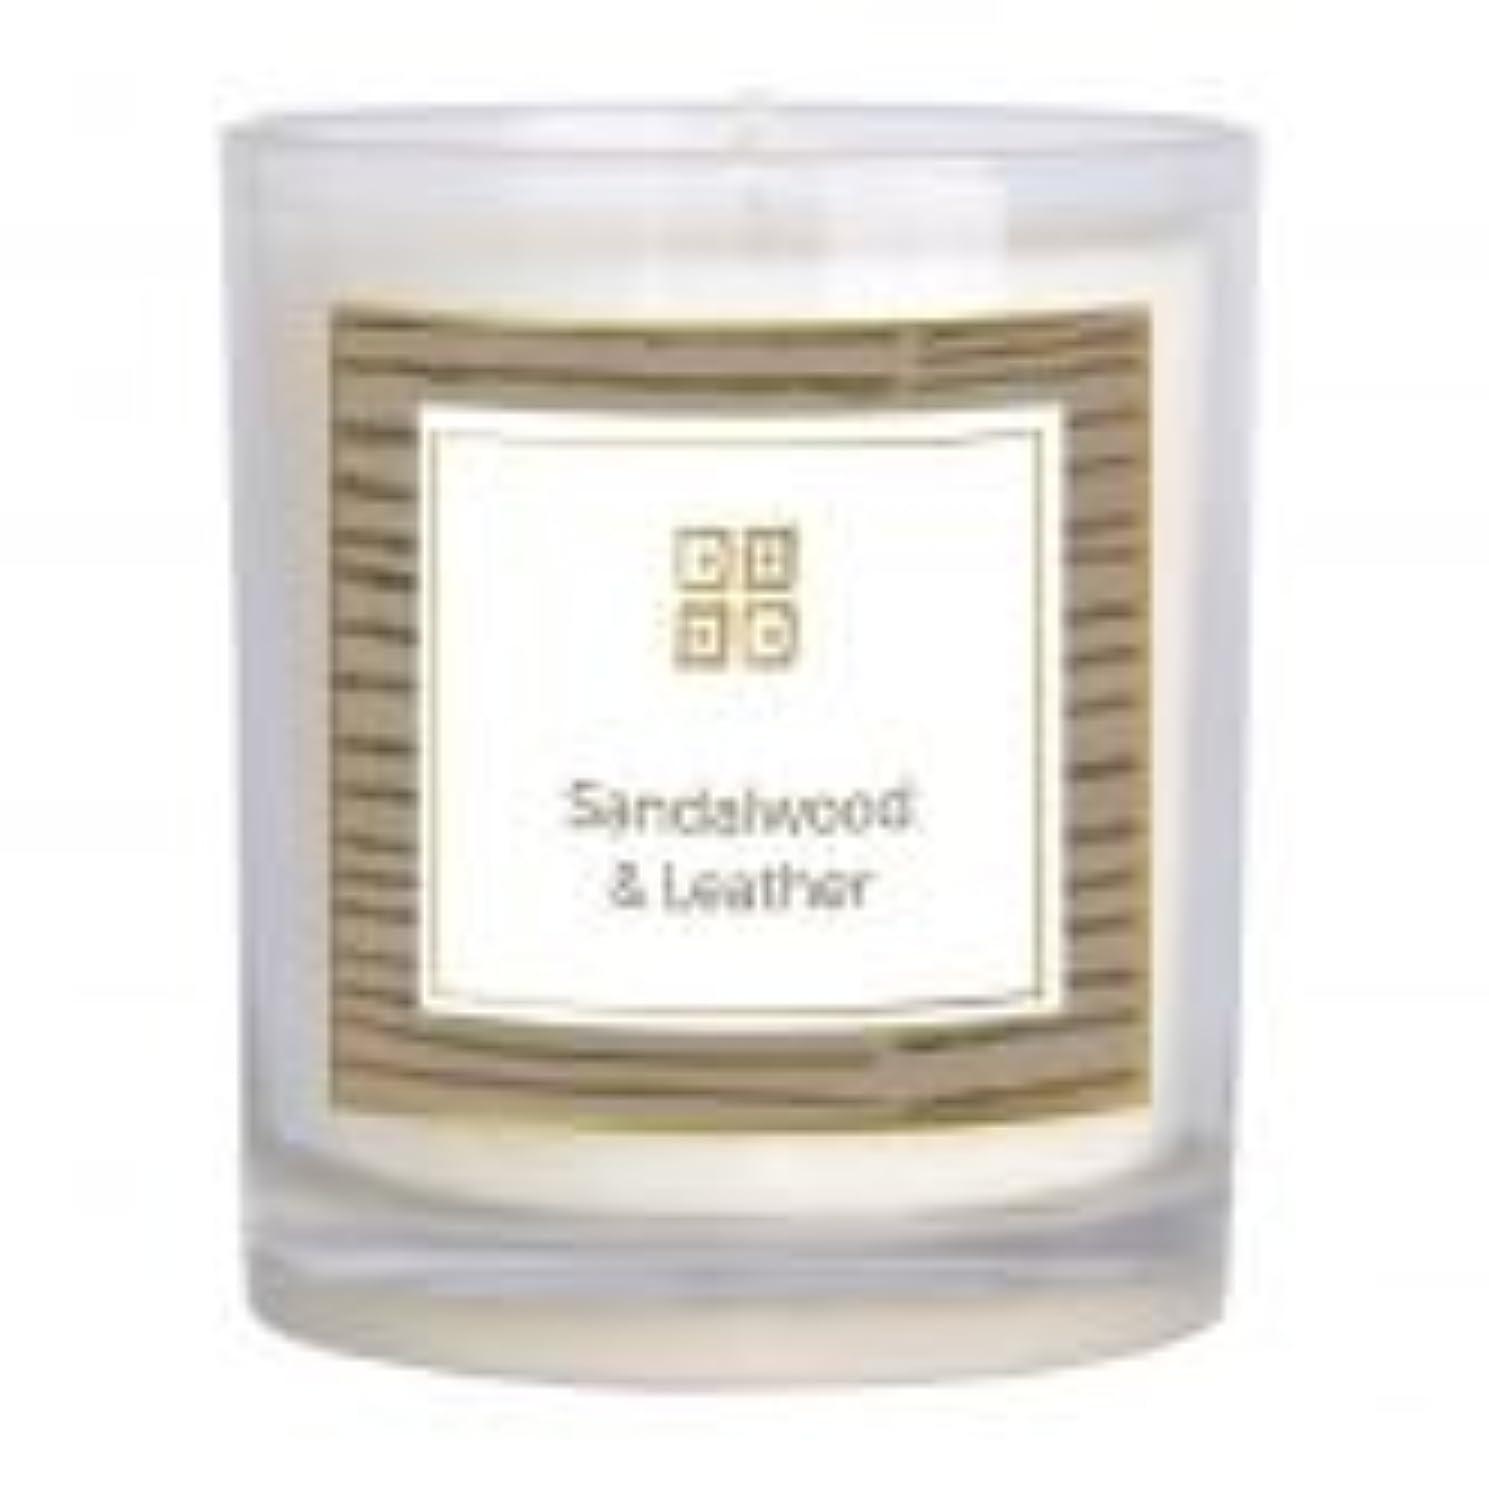 形式間接的争いサンダルウッド&レザー香りのキャンドル 12 oz 503-08844